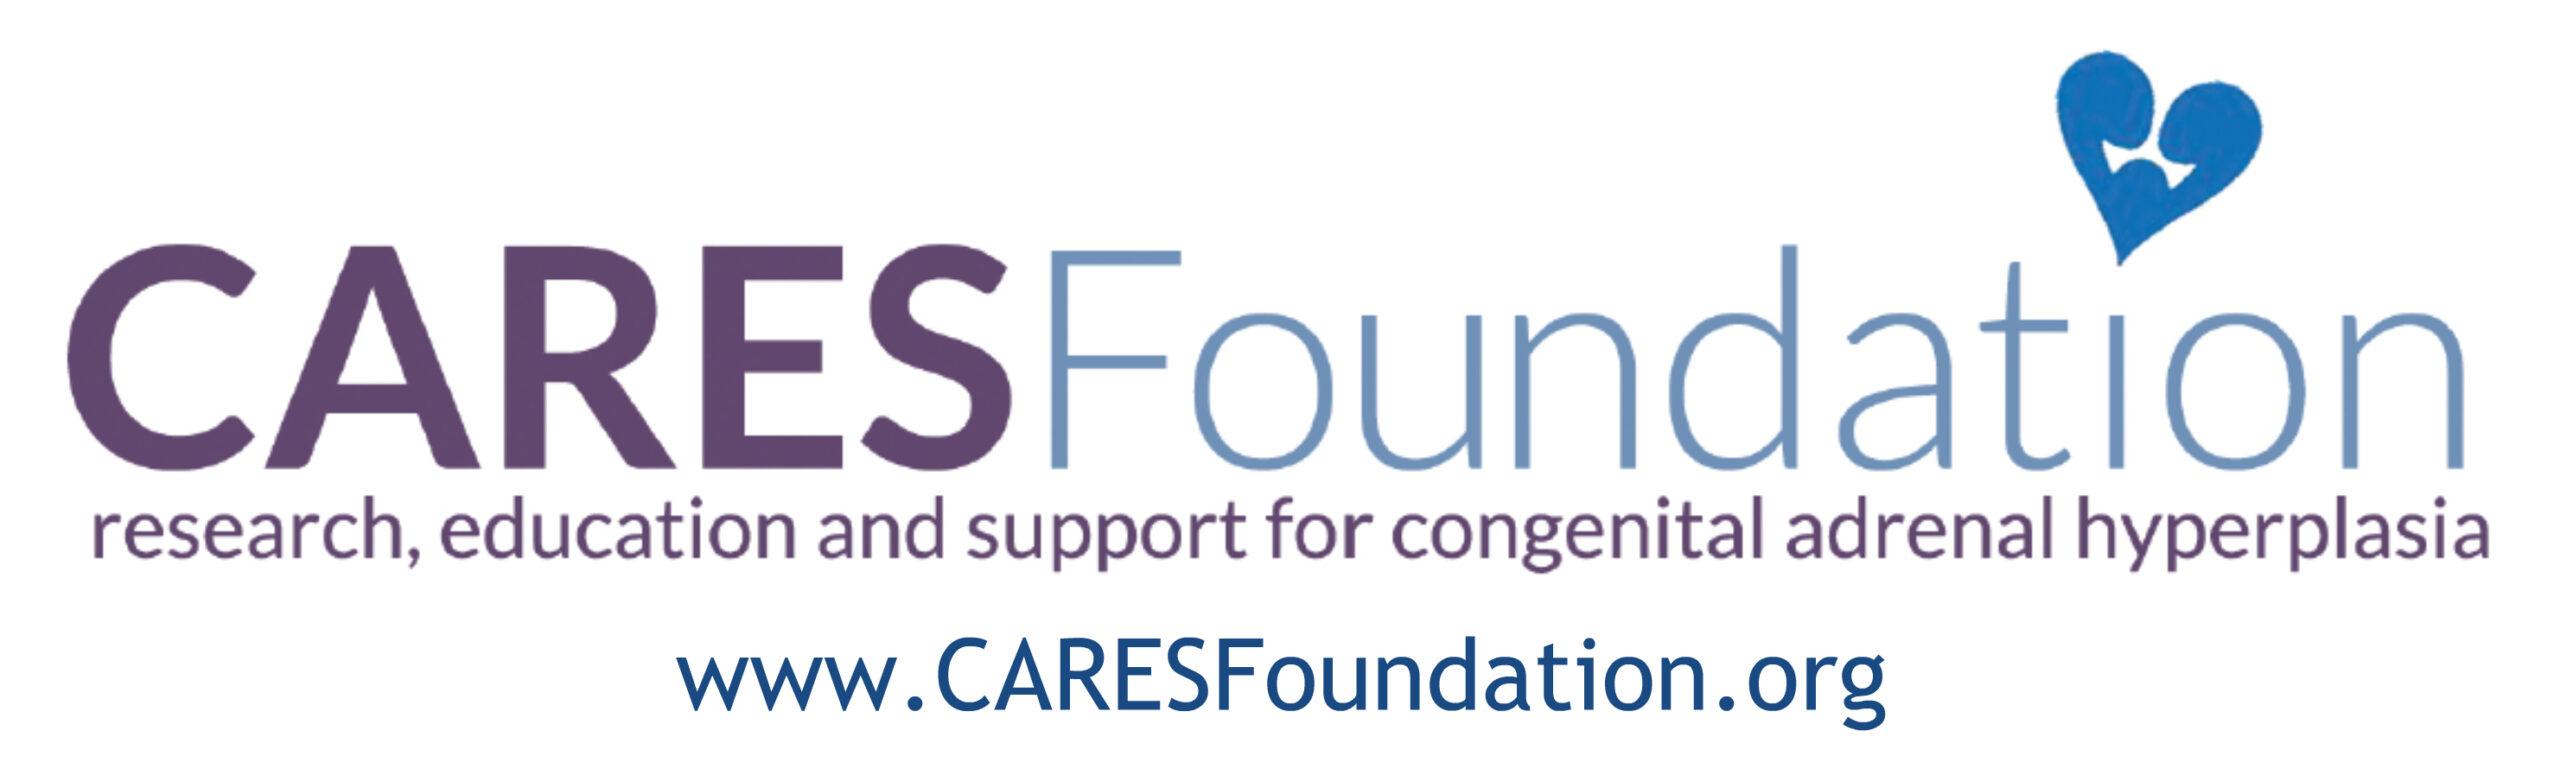 cares foundation logo